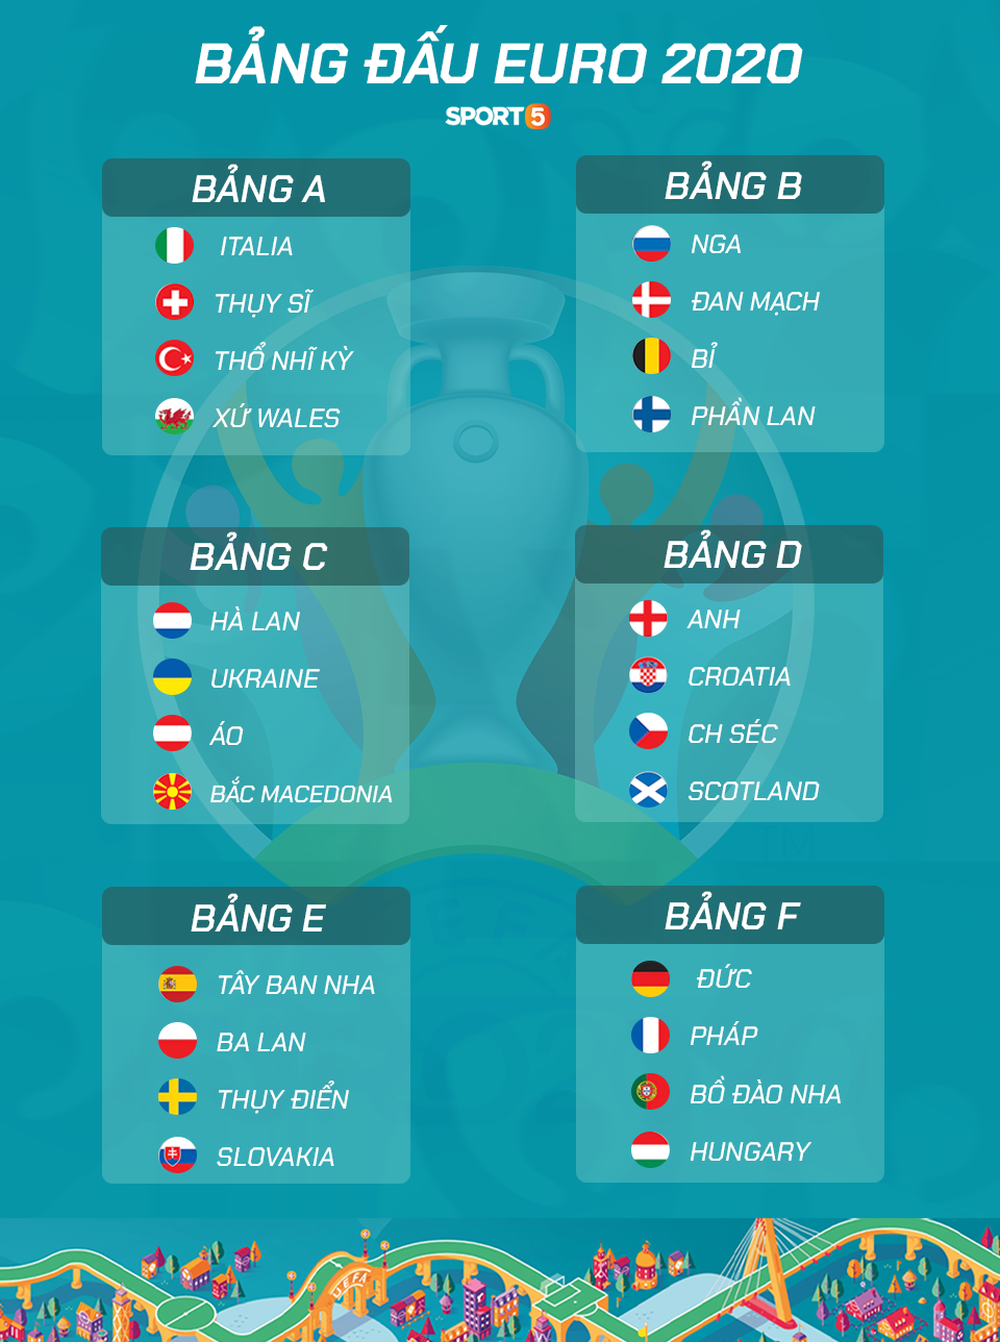 Toàn bộ thông tin cần biết về Euro 2020 - giải đấu đặc biệt nhất lịch sử bóng đá - Ảnh 4.